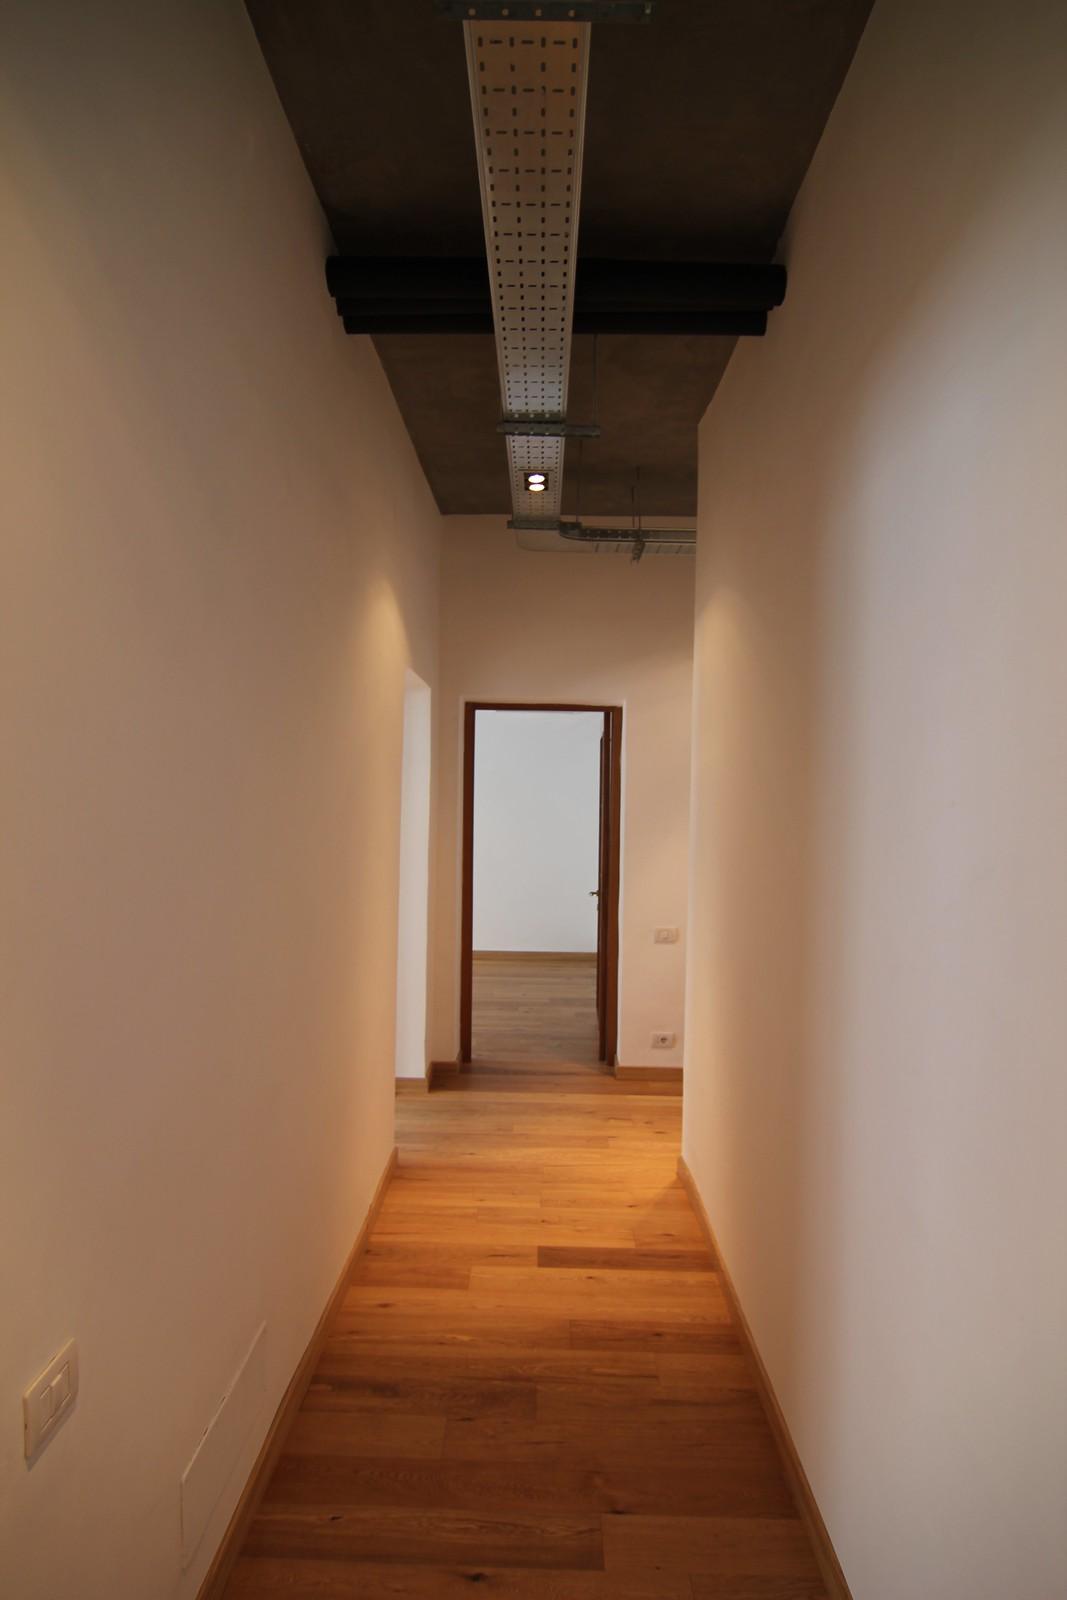 Corridoio di uffici